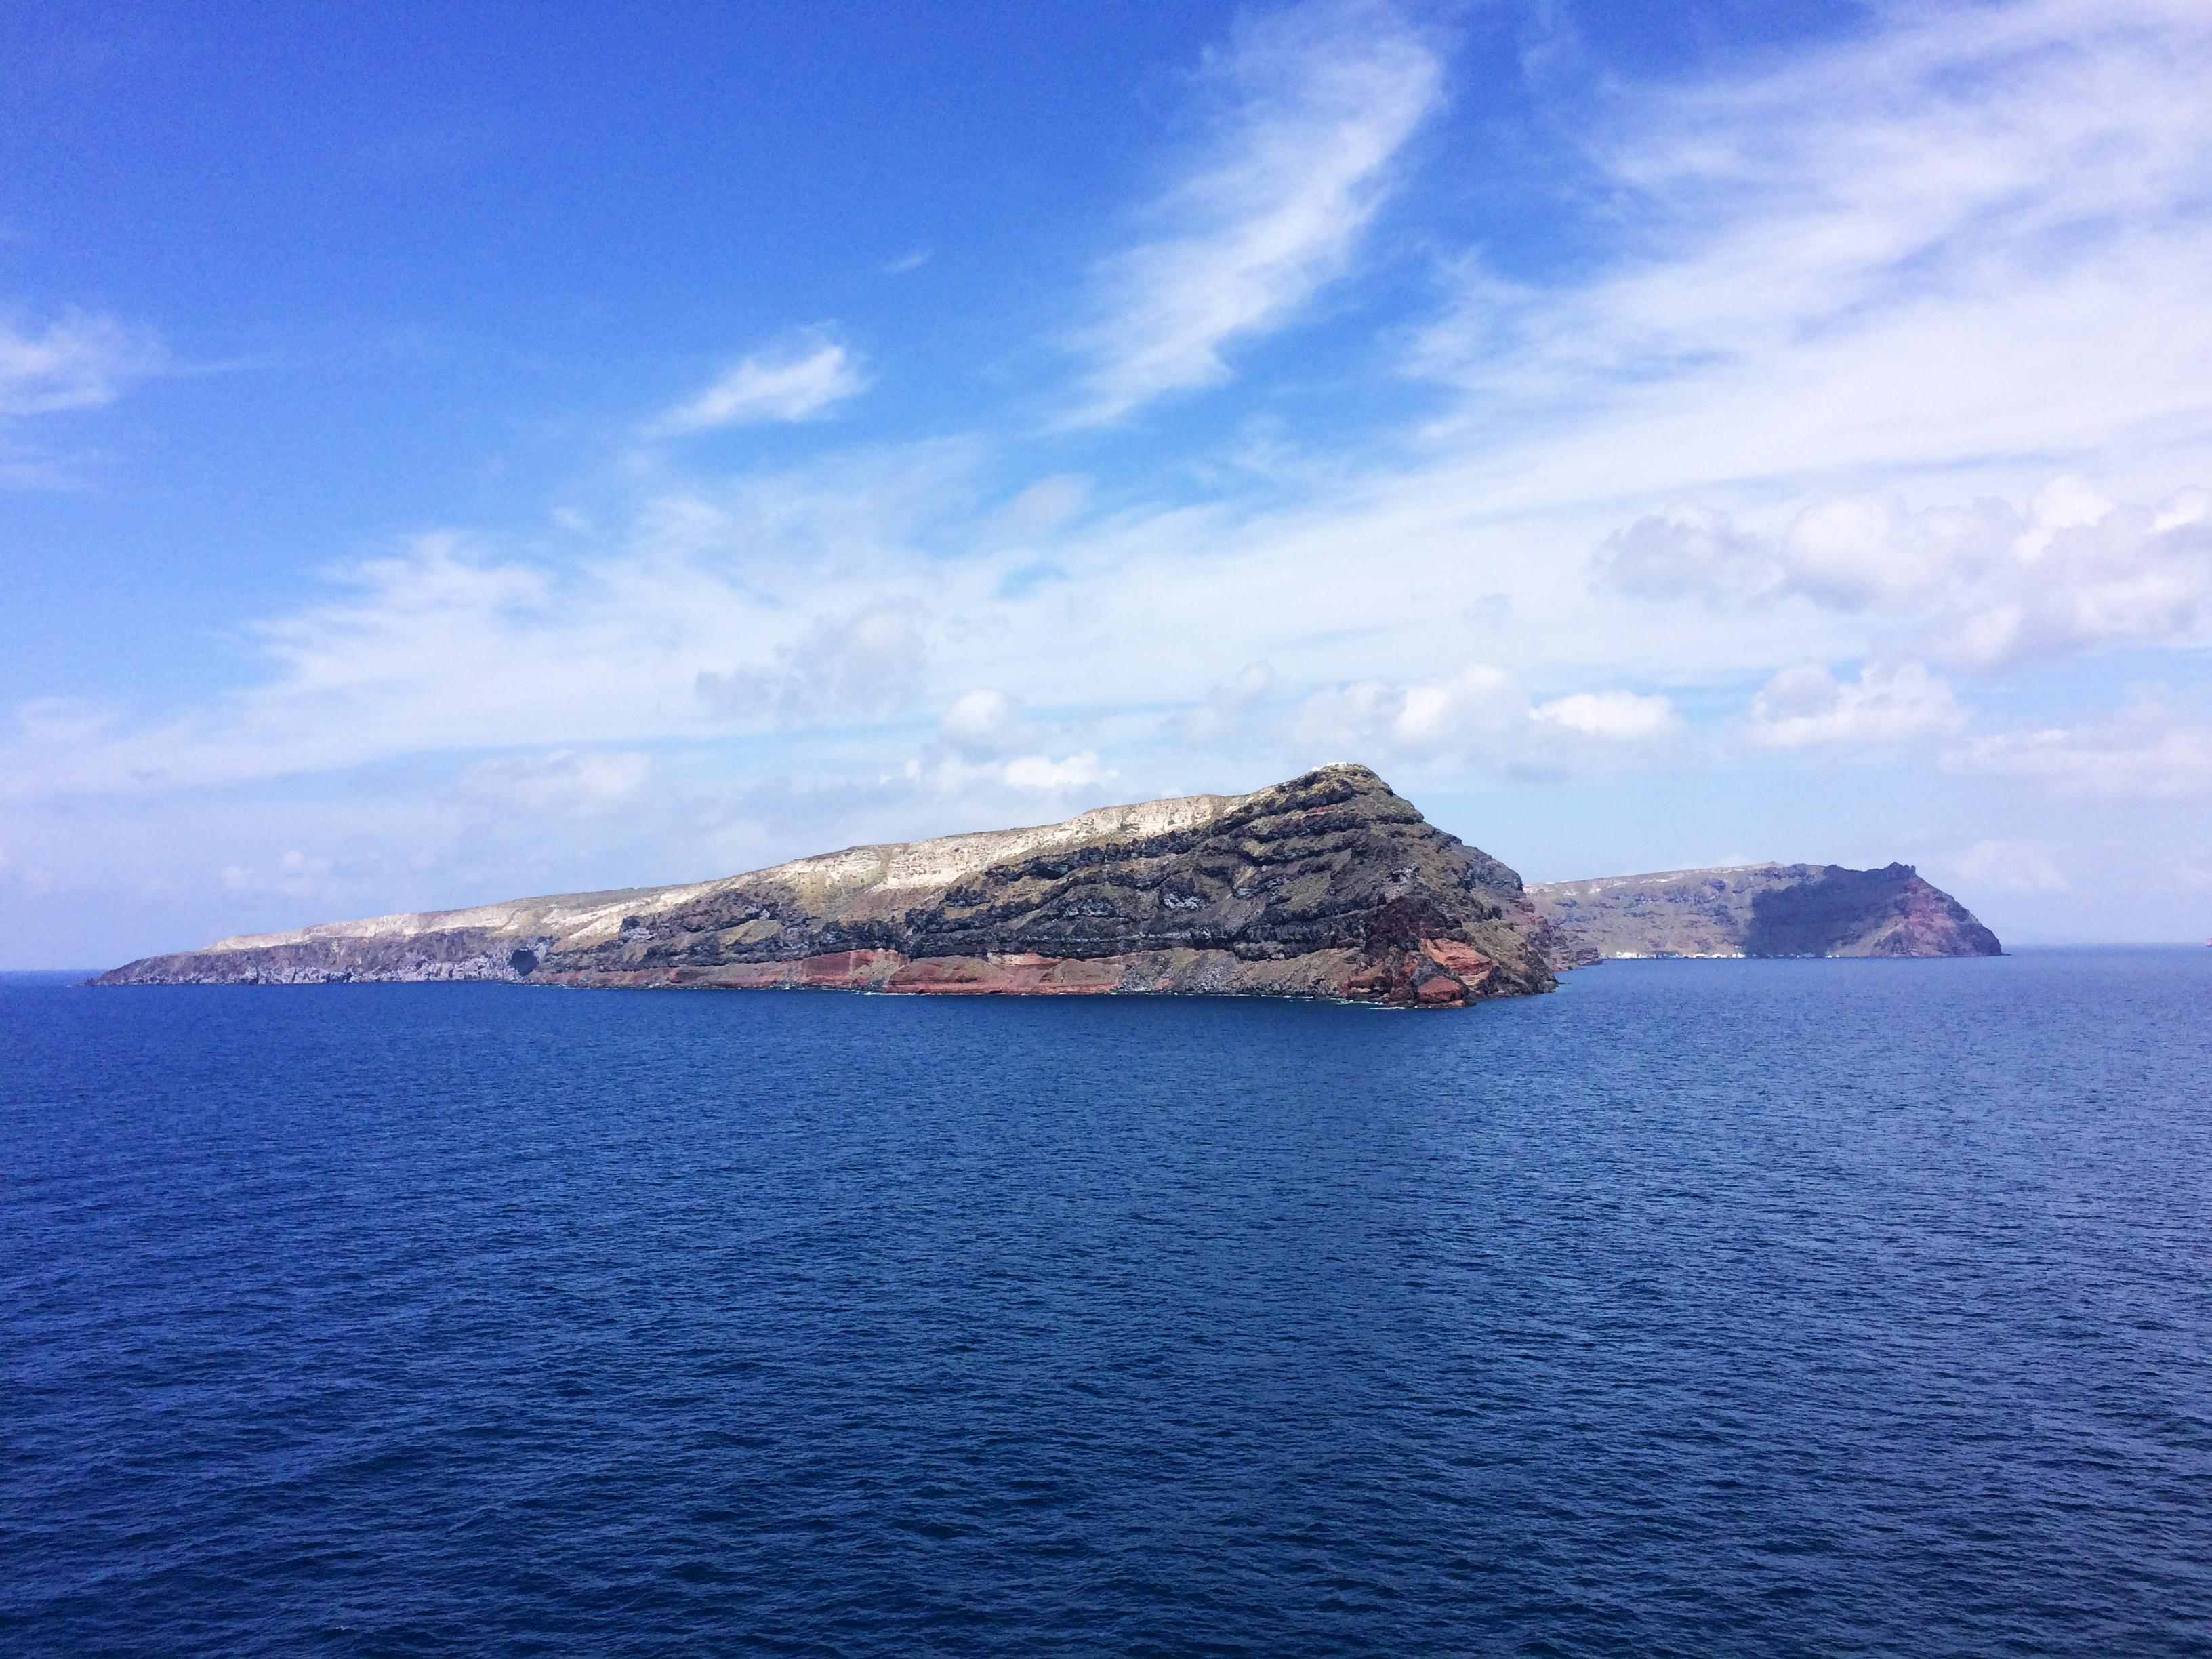 Santorin île Grèce mer